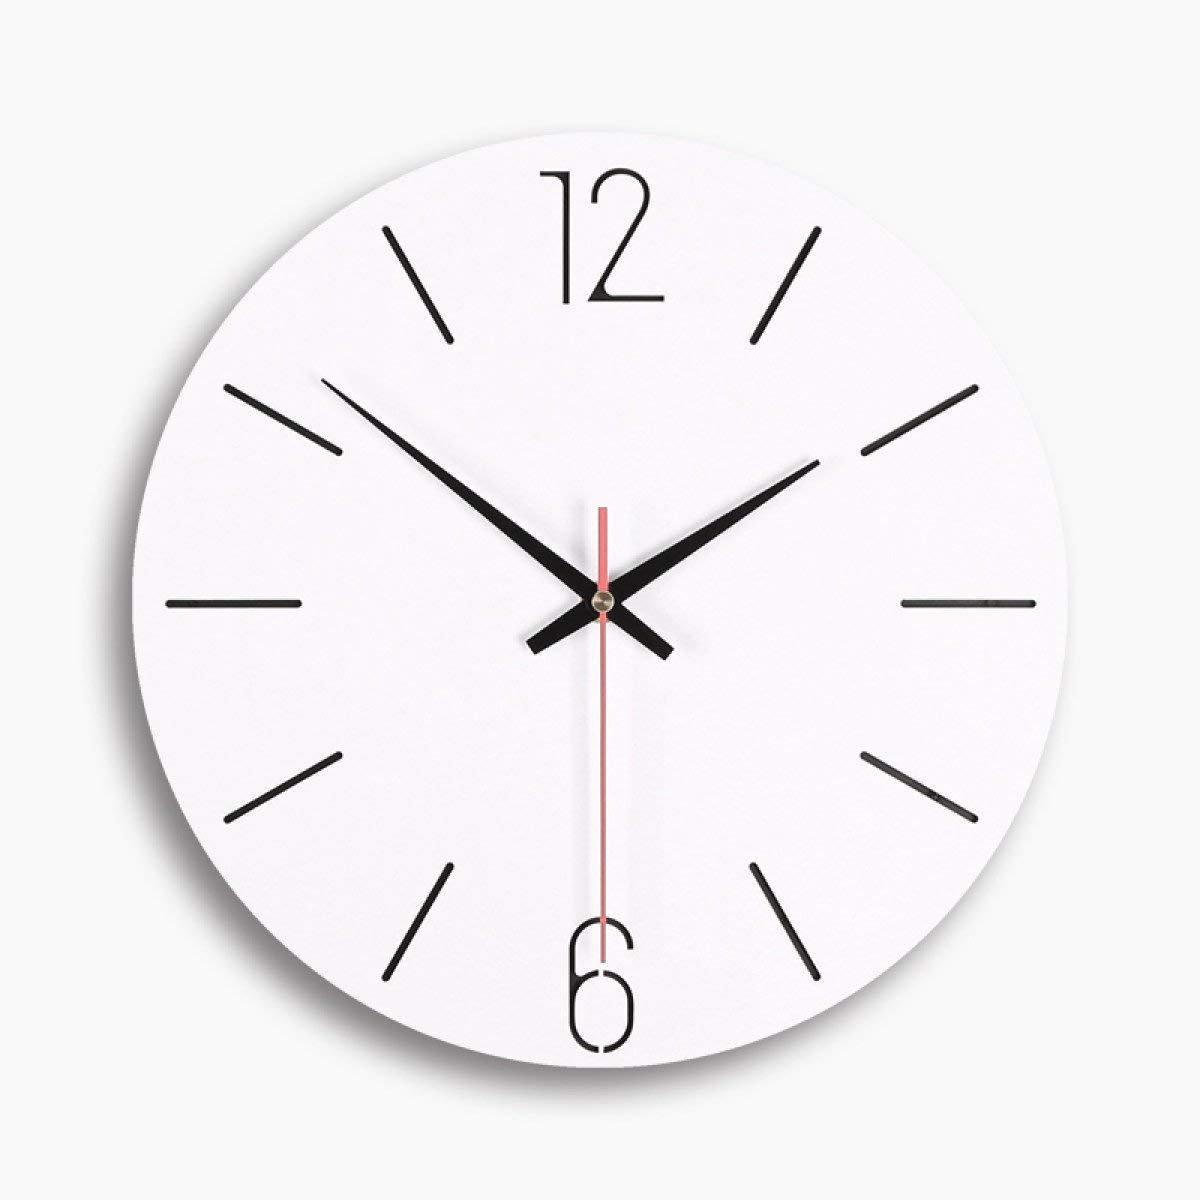 Reducción de precio Mings Hermosa y Practica Reloj de Pared Reloj de la Sala Dormitorio Simple Reloj de Pared silencioso, WoodcolorC-13.8  13.8  0.2in ( Color : 13.813.80.2in Woodcolorb )